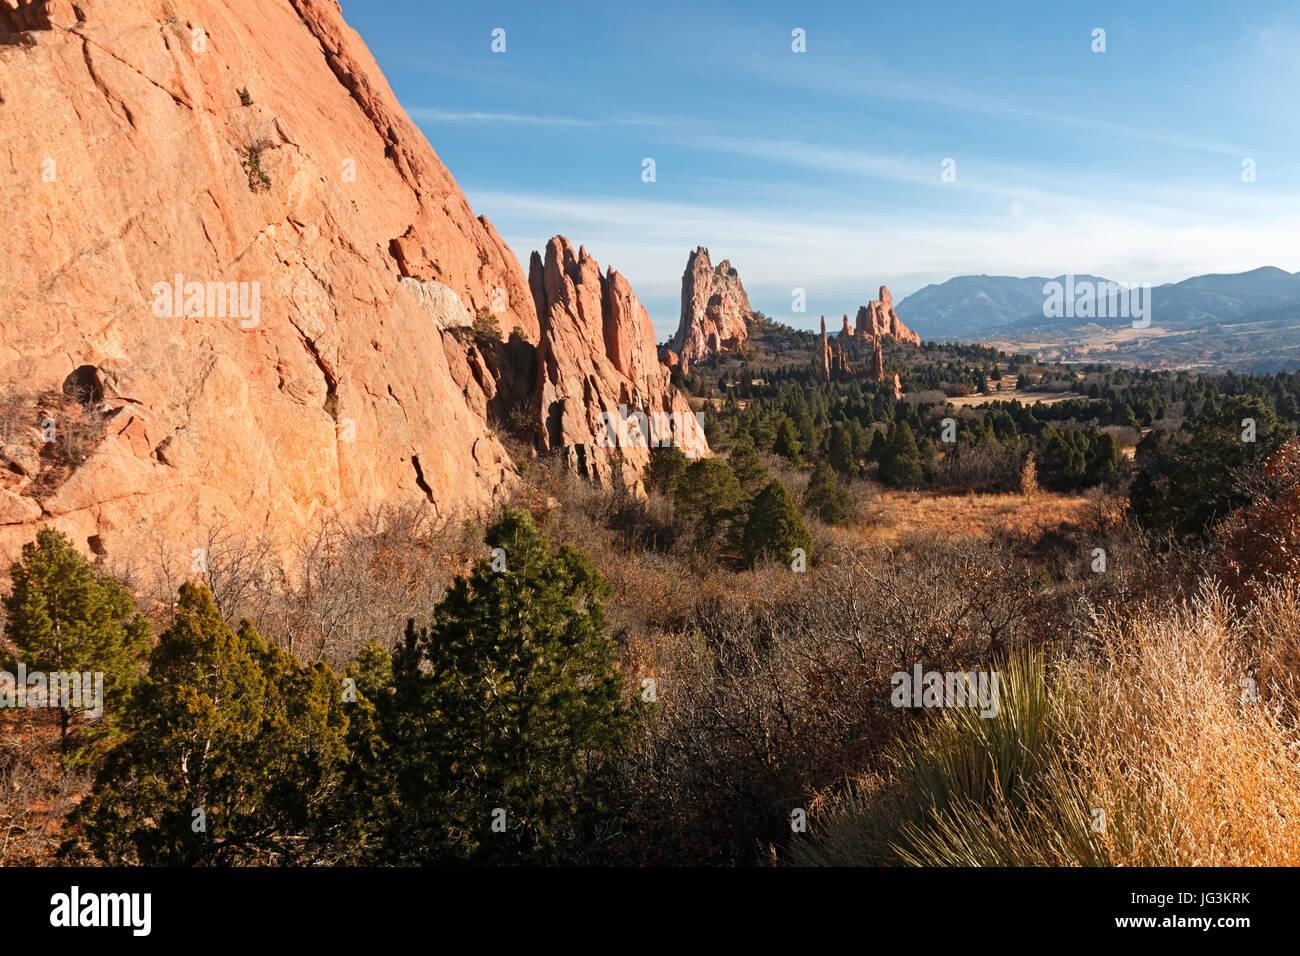 Sandstone formations at Garden of the Gods, Colorado Springs, Colorado. Stock Photo